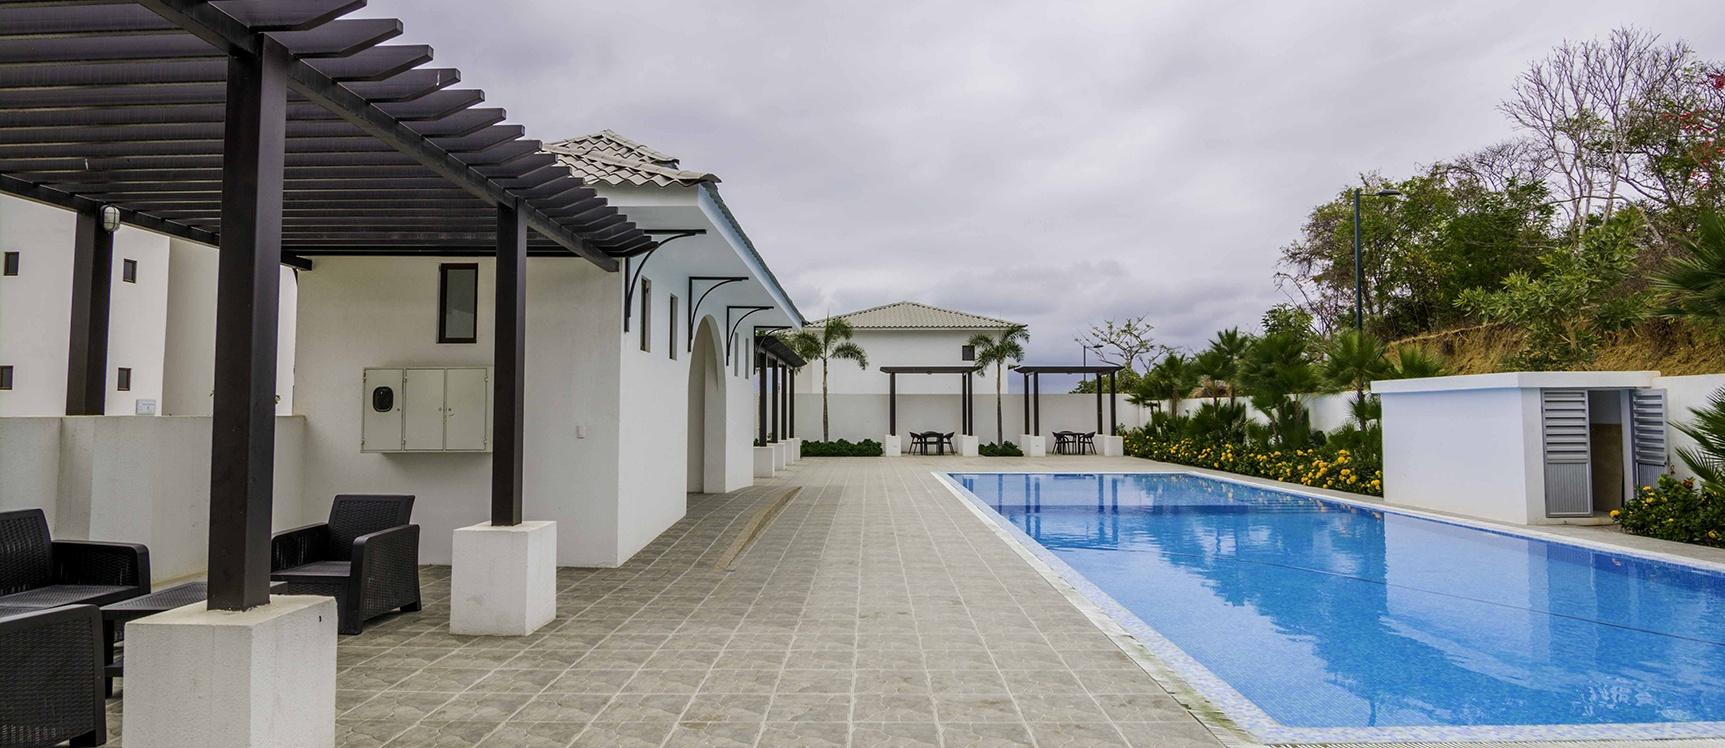 GeoBienes - Departamento en alquiler en Villas del Bosque vía a la Costa - Guayaquil - Plusvalia Guayaquil Casas de venta y alquiler Inmobiliaria Ecuador